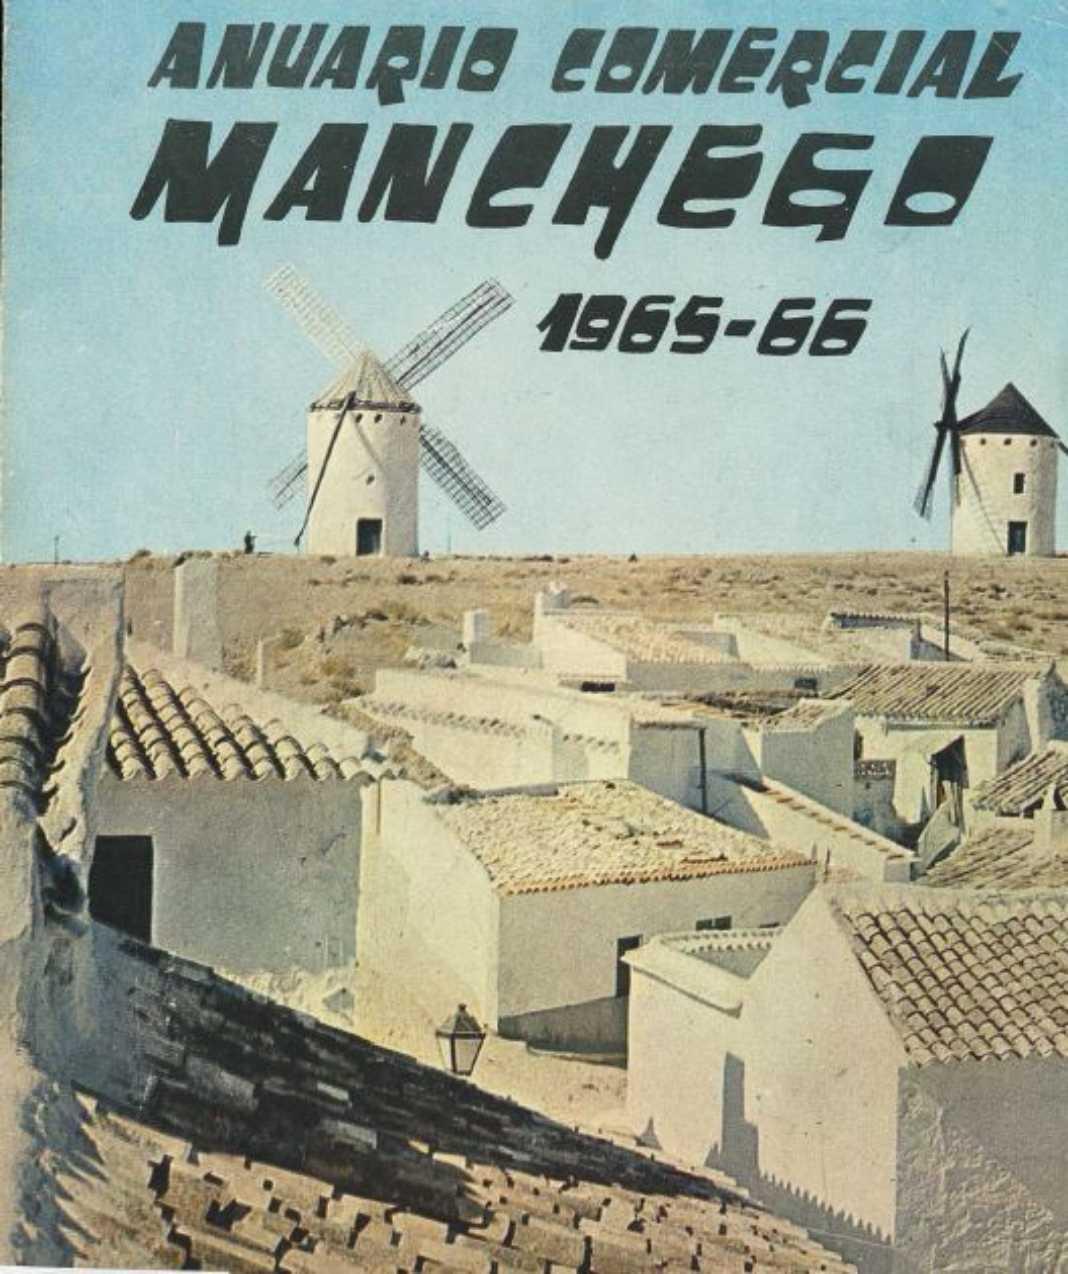 ANUARIO COMERCIAL 1068x1274 - Hace 50 años: Anuario Comercial Manchego